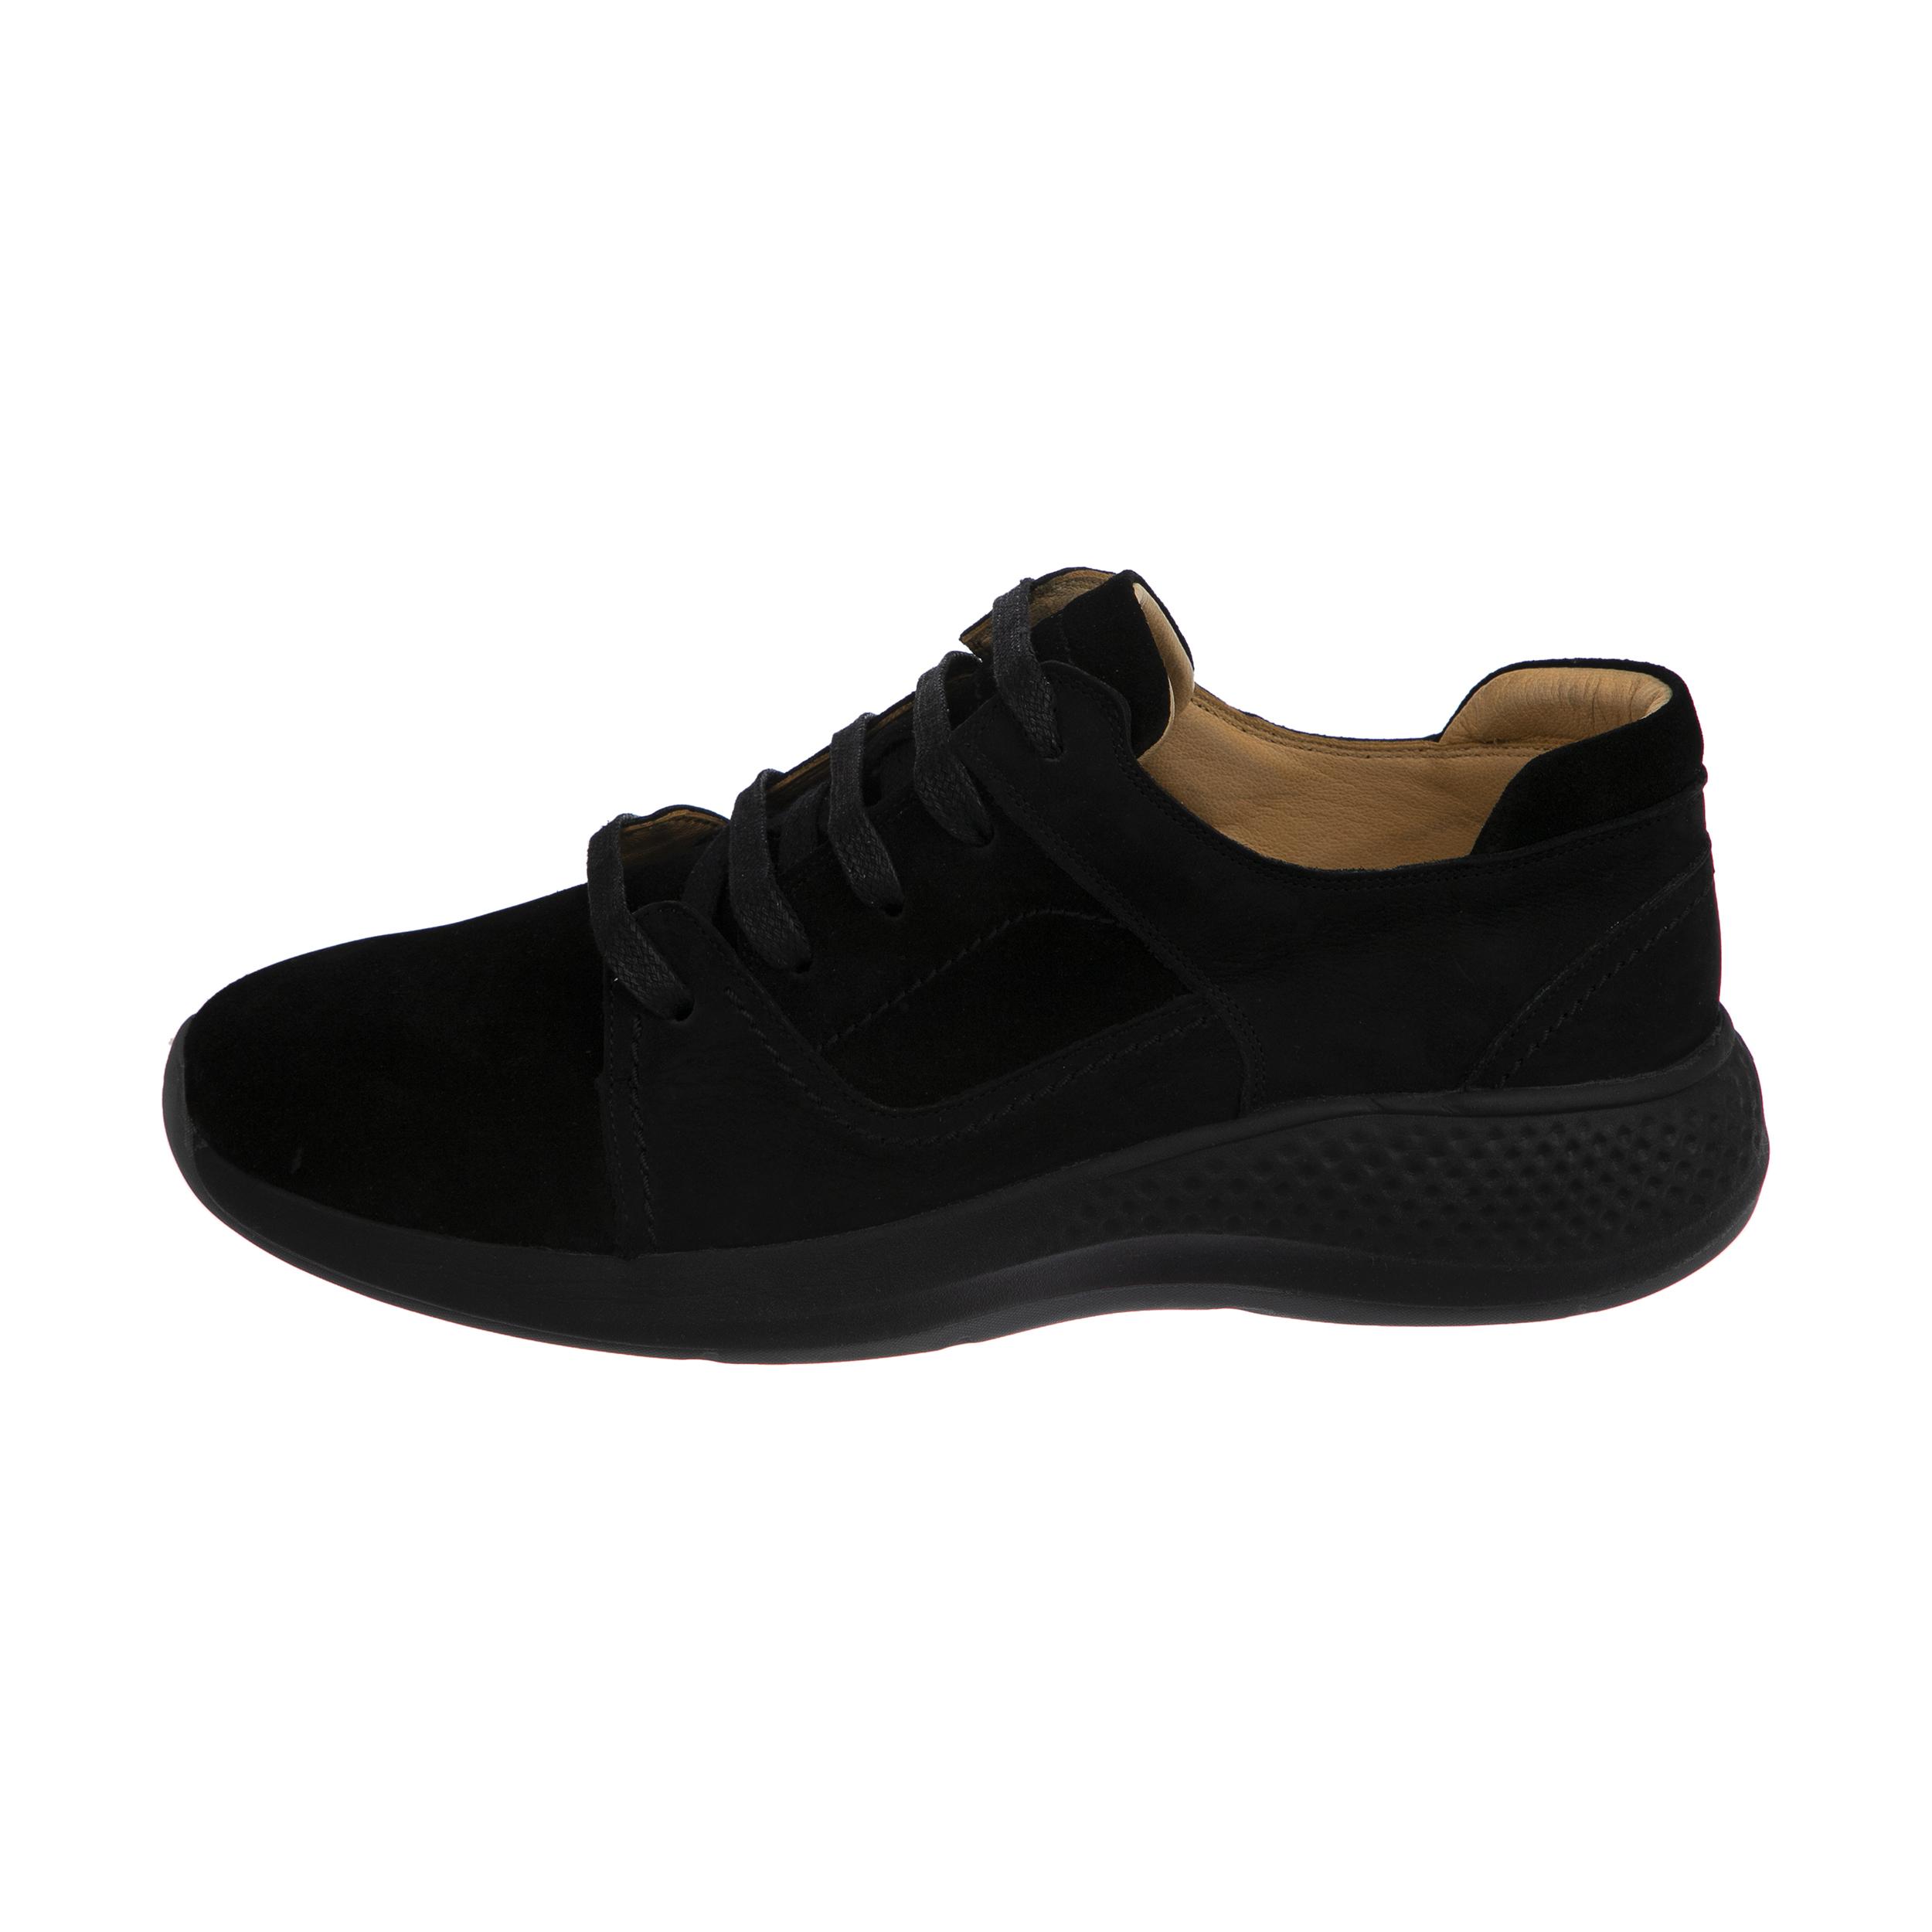 کفش روزمره مردانه برتونیکس مدل 878-B-27